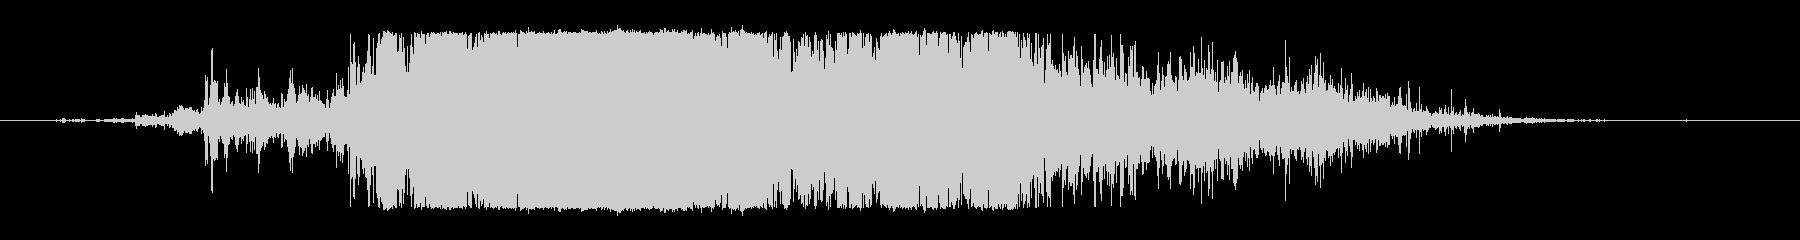 ウェーブビッグスウェルの未再生の波形